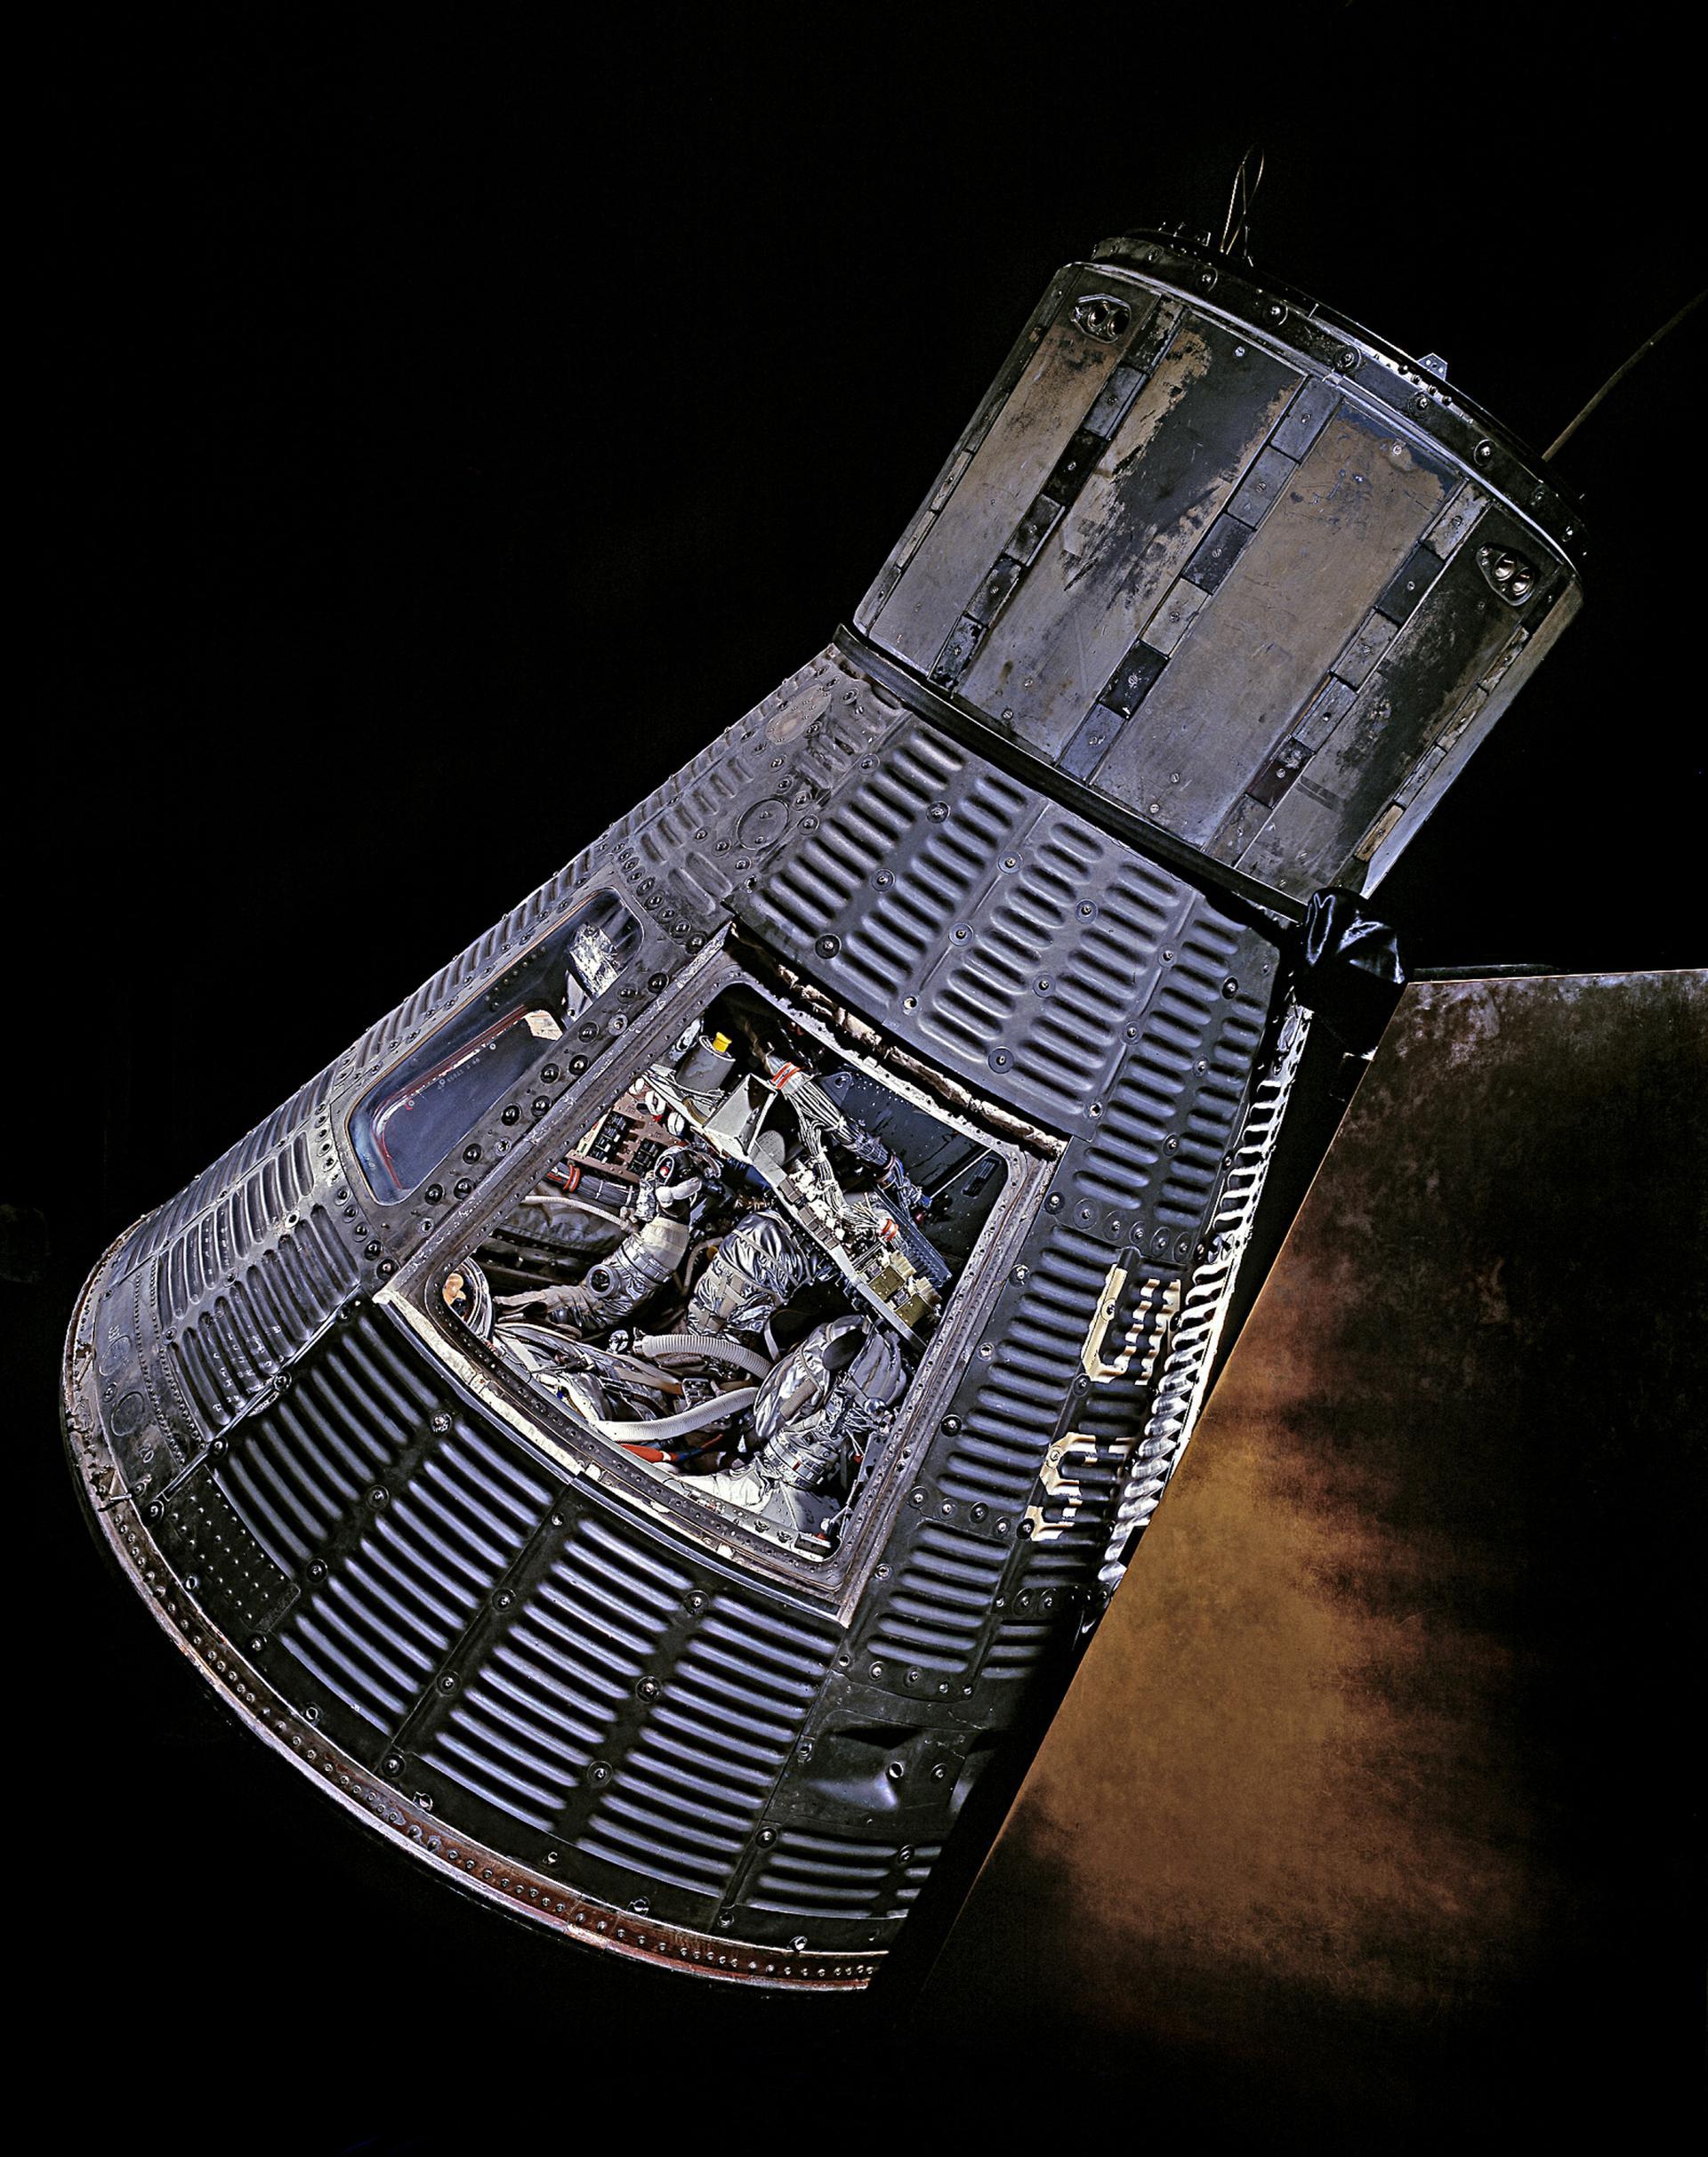 image of Mercury Capsule